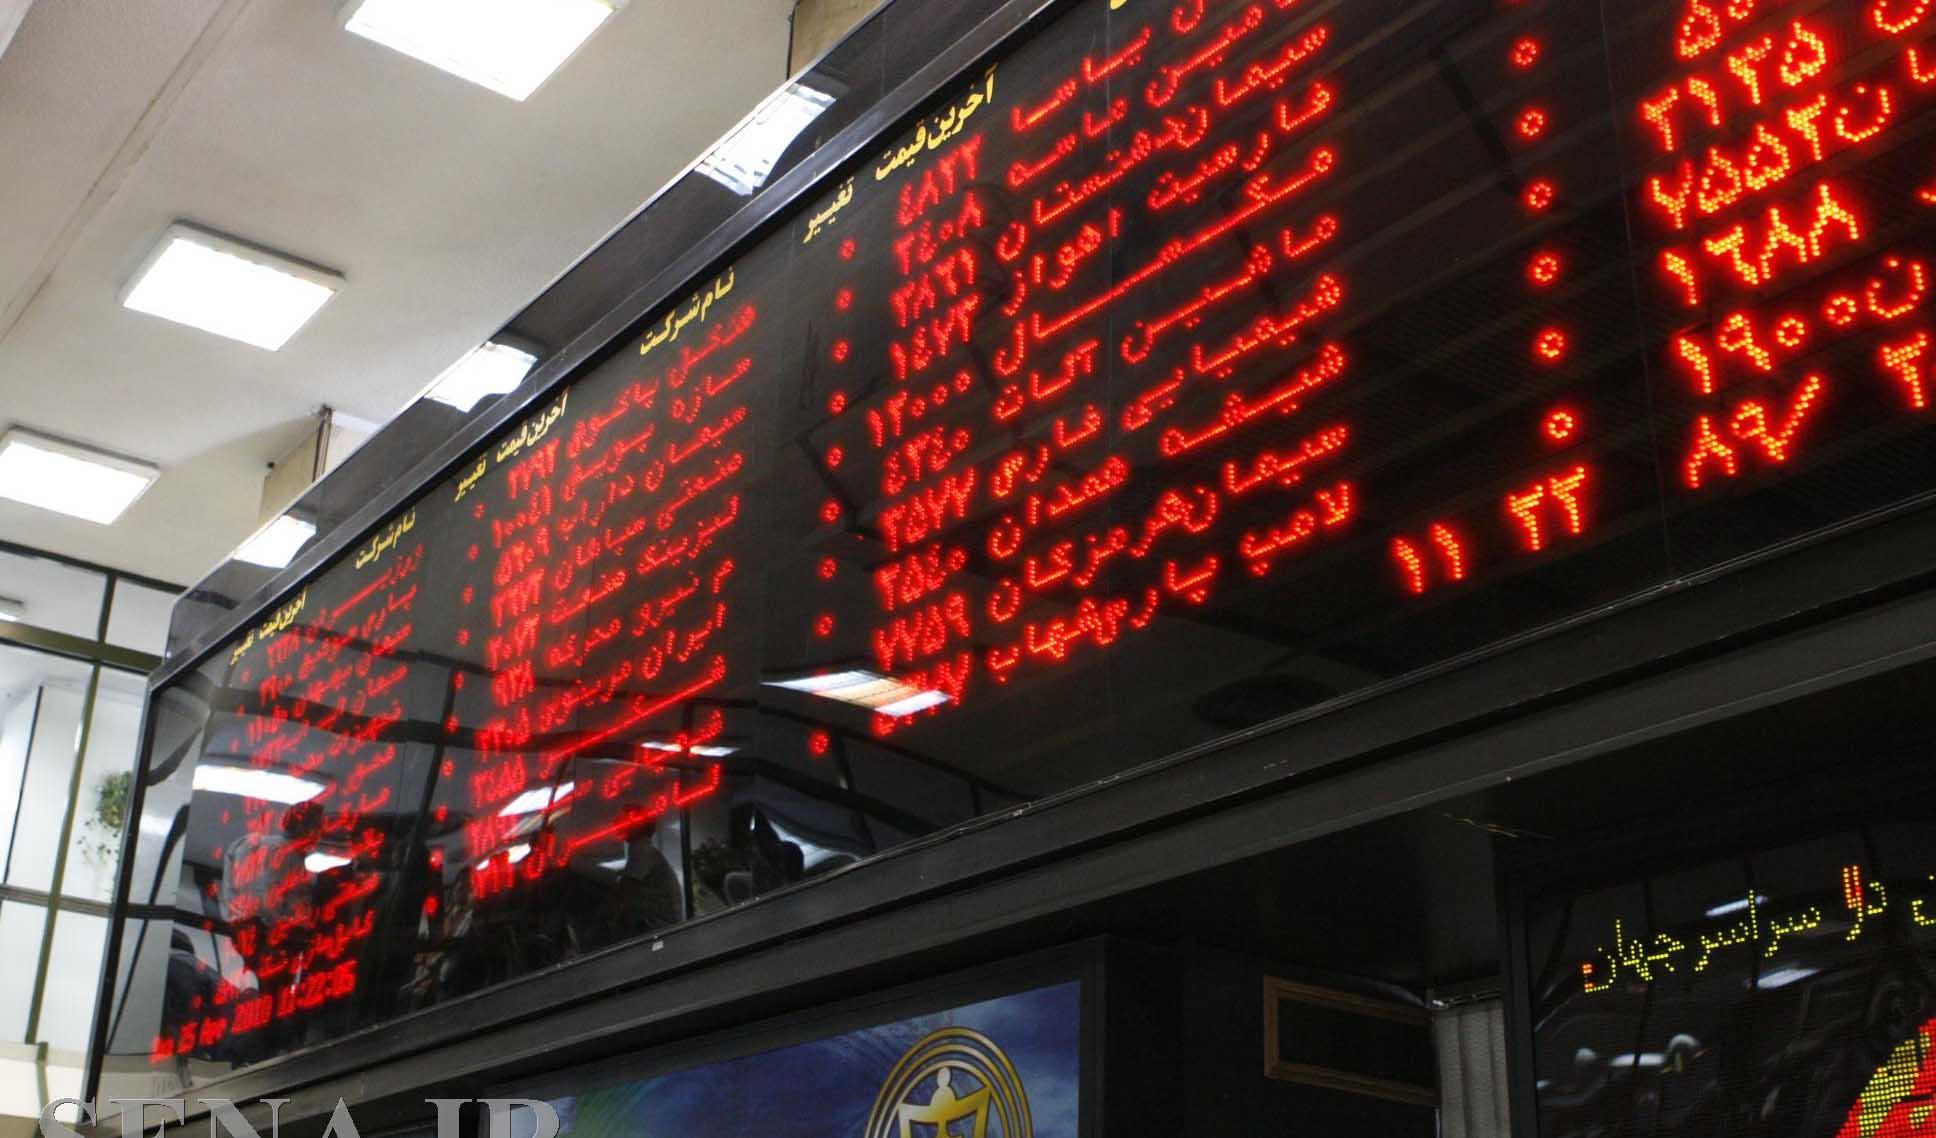 بورس معاملات امروز را هم نزولی آغاز کرد / شاخص کل در آستانه ۱.۳ میلیونی شدن